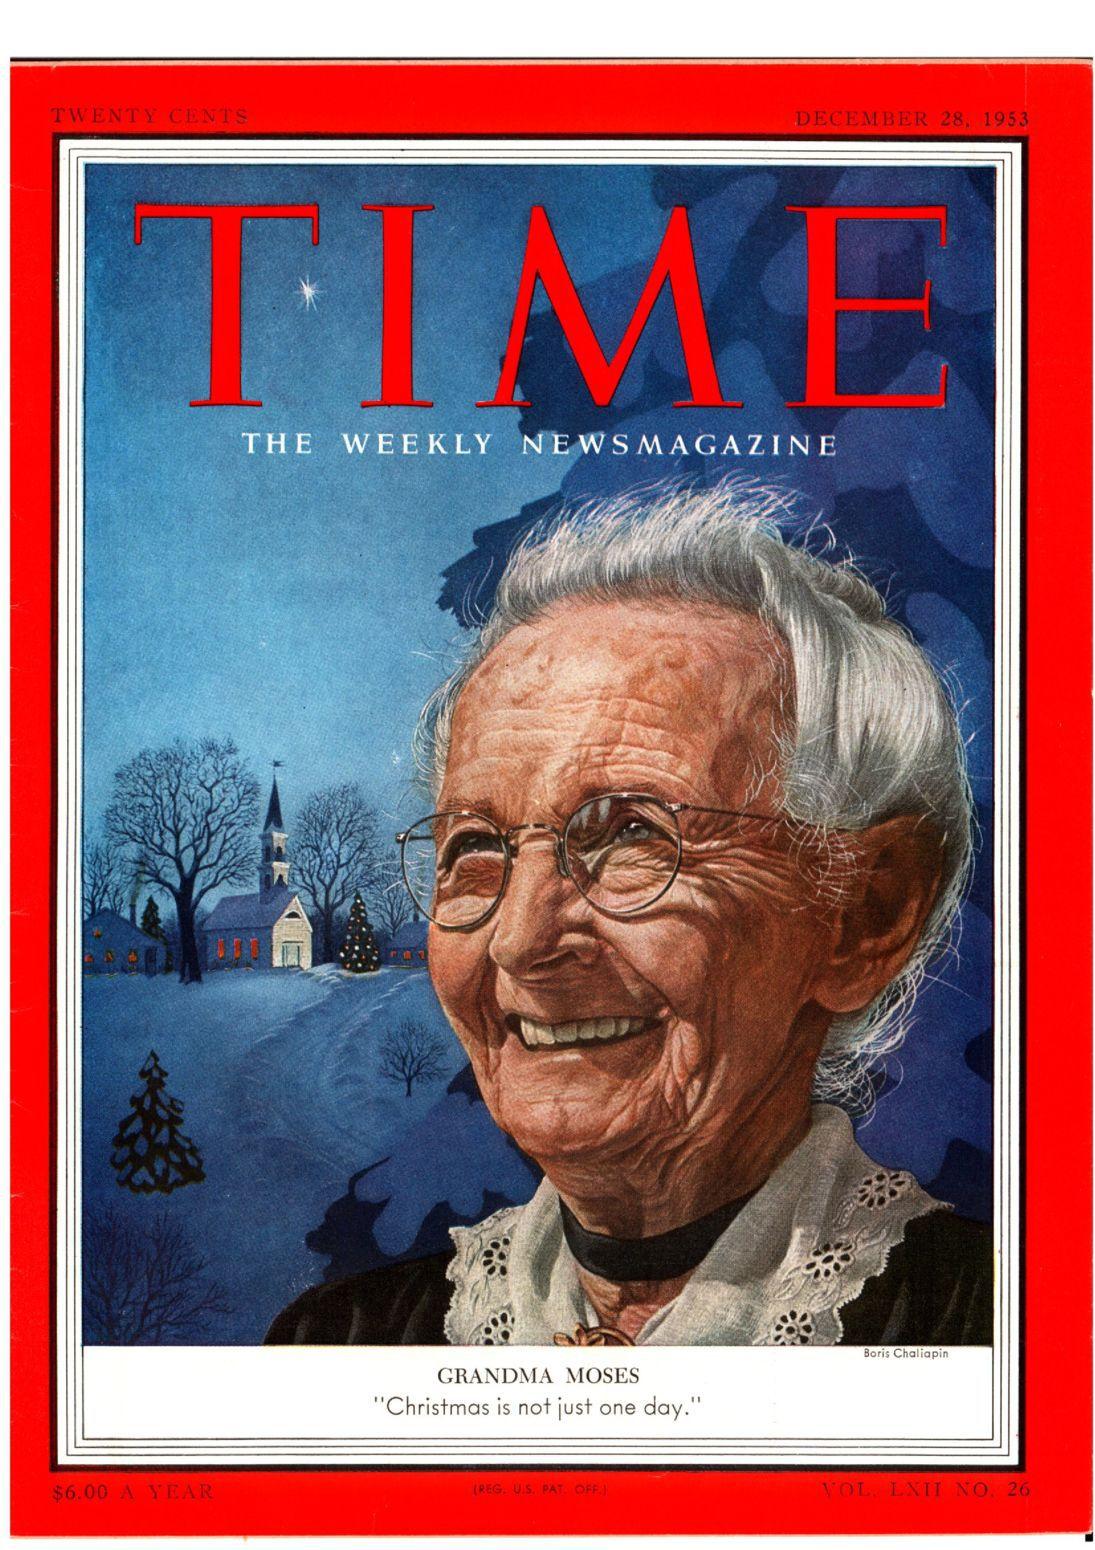 摩西奶奶是重要的美國戰後畫家,大器晚成的她相當令人尊崇。她曾登上時代雜誌封面。圖/取自網路